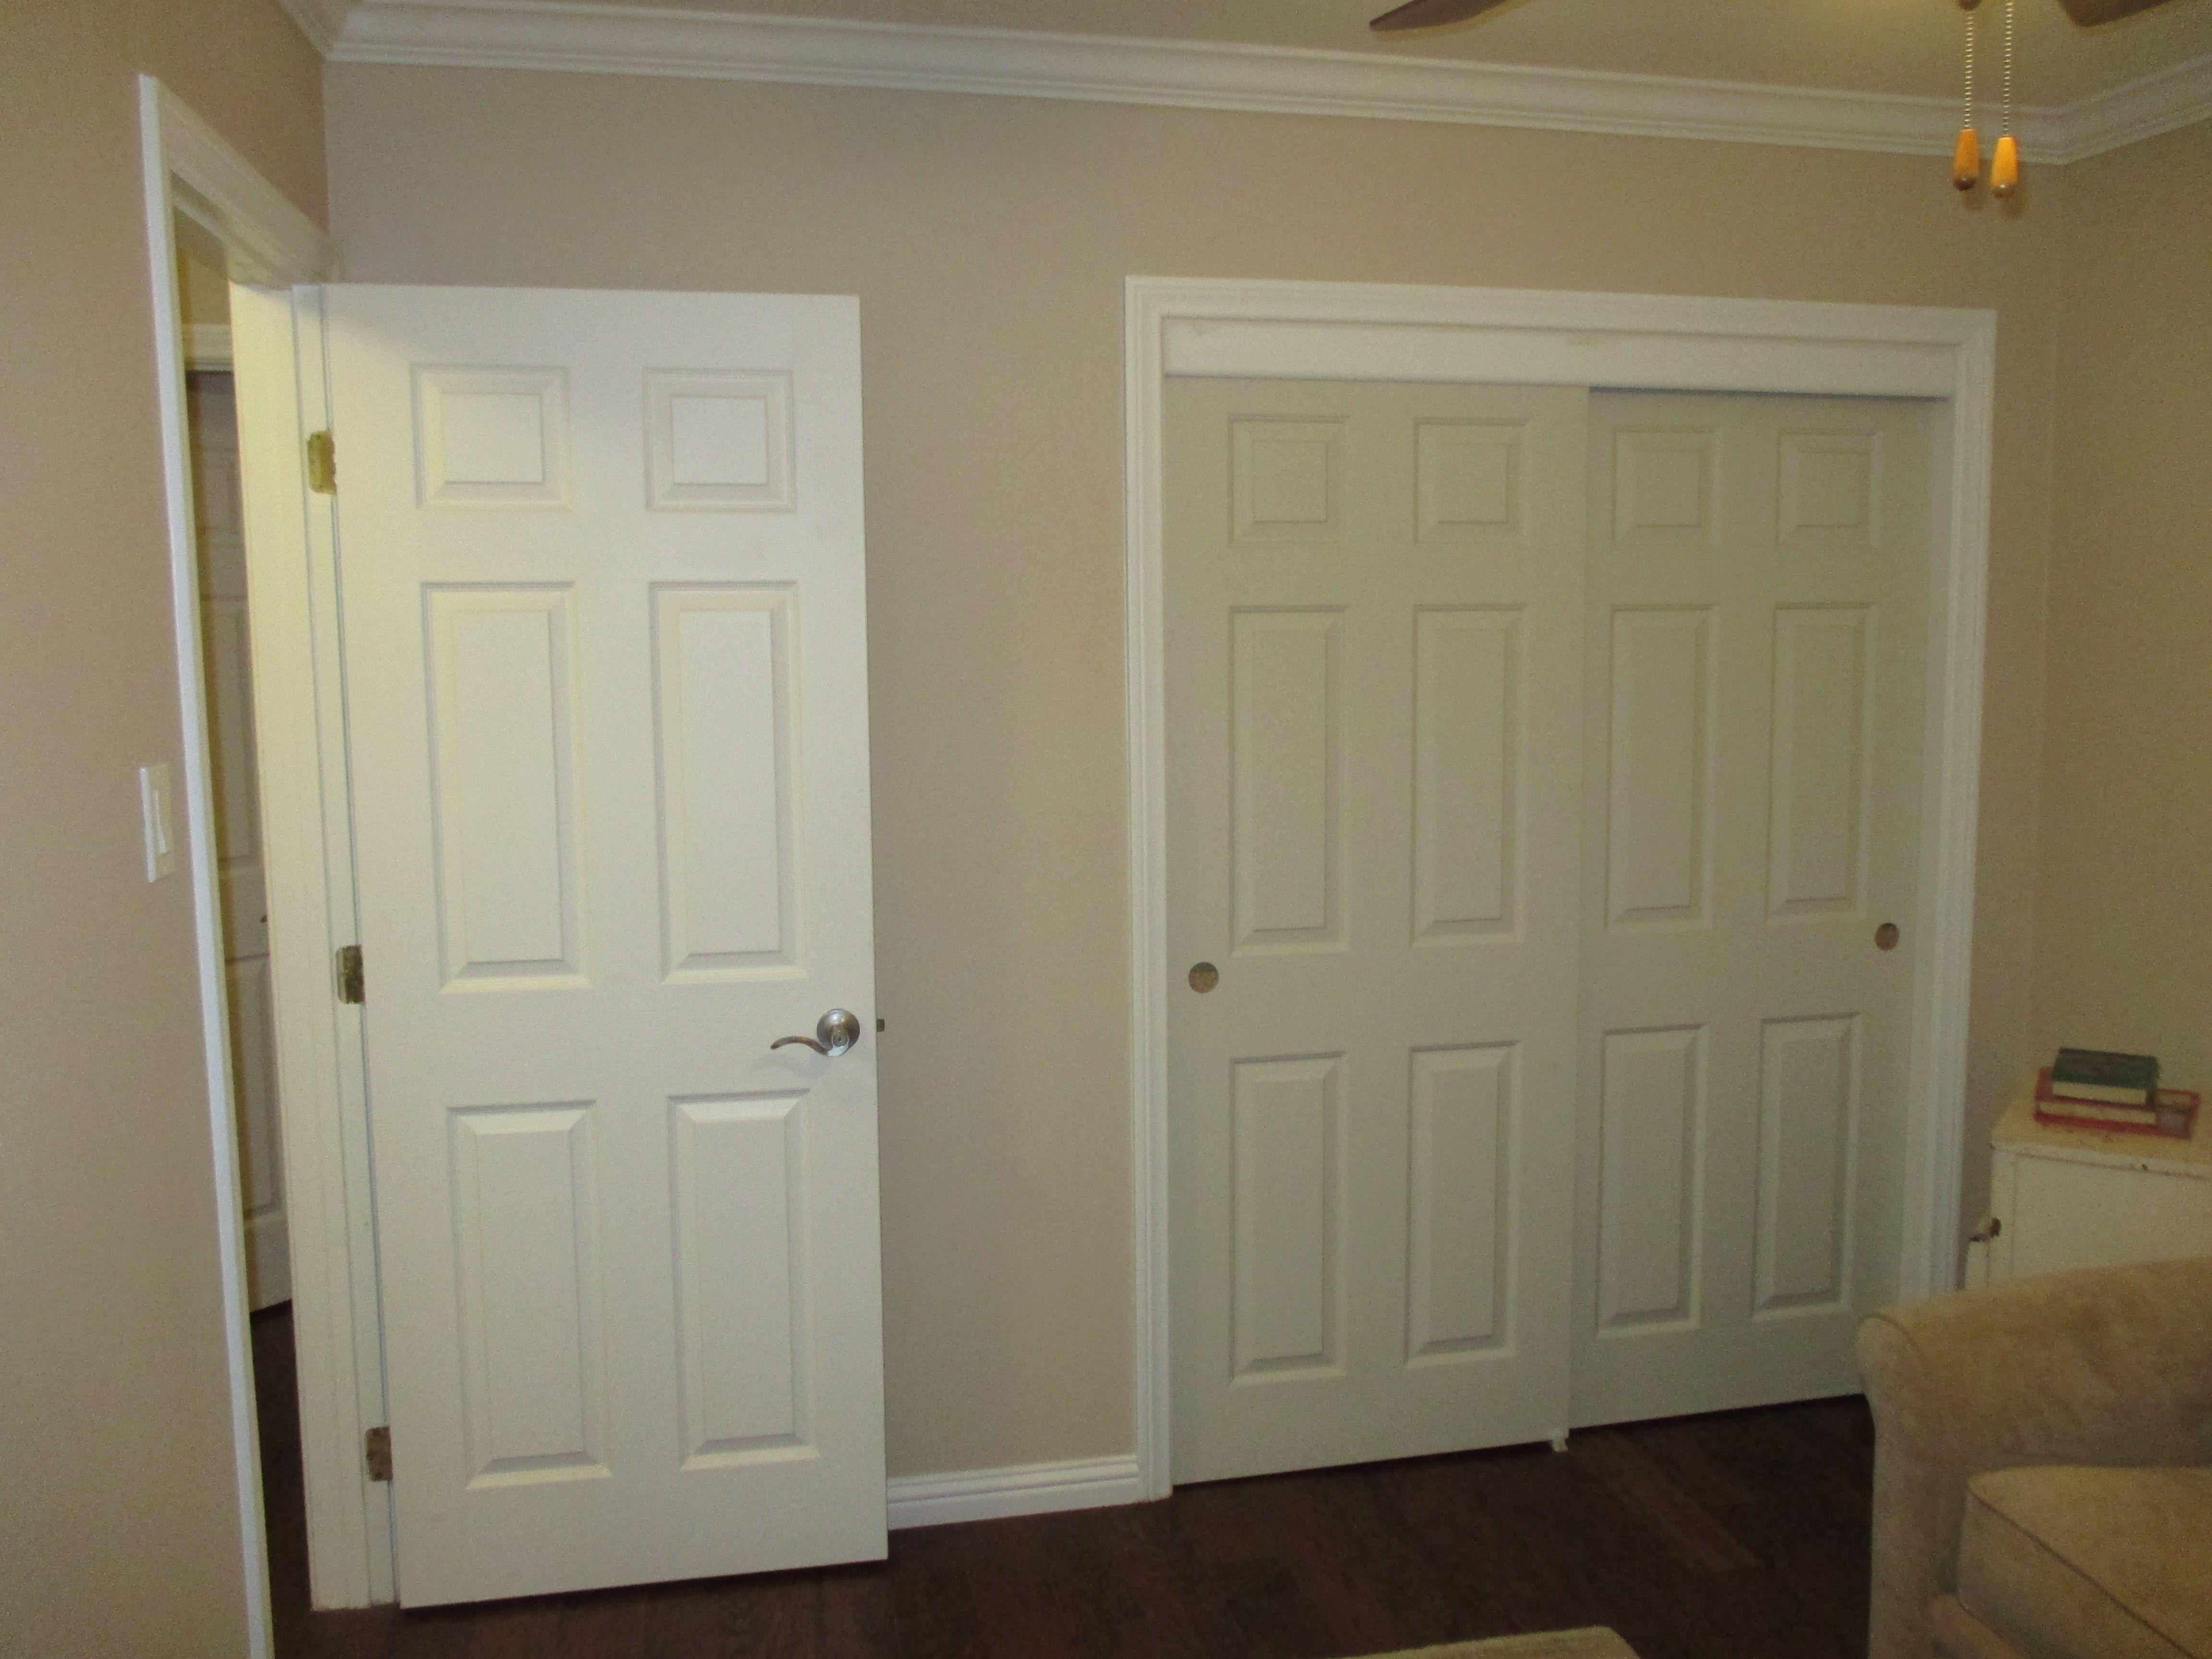 colonist door mastercraft 30 x 80 primed 6 panel smooth colonist 2 leaf bifold. Black Bedroom Furniture Sets. Home Design Ideas